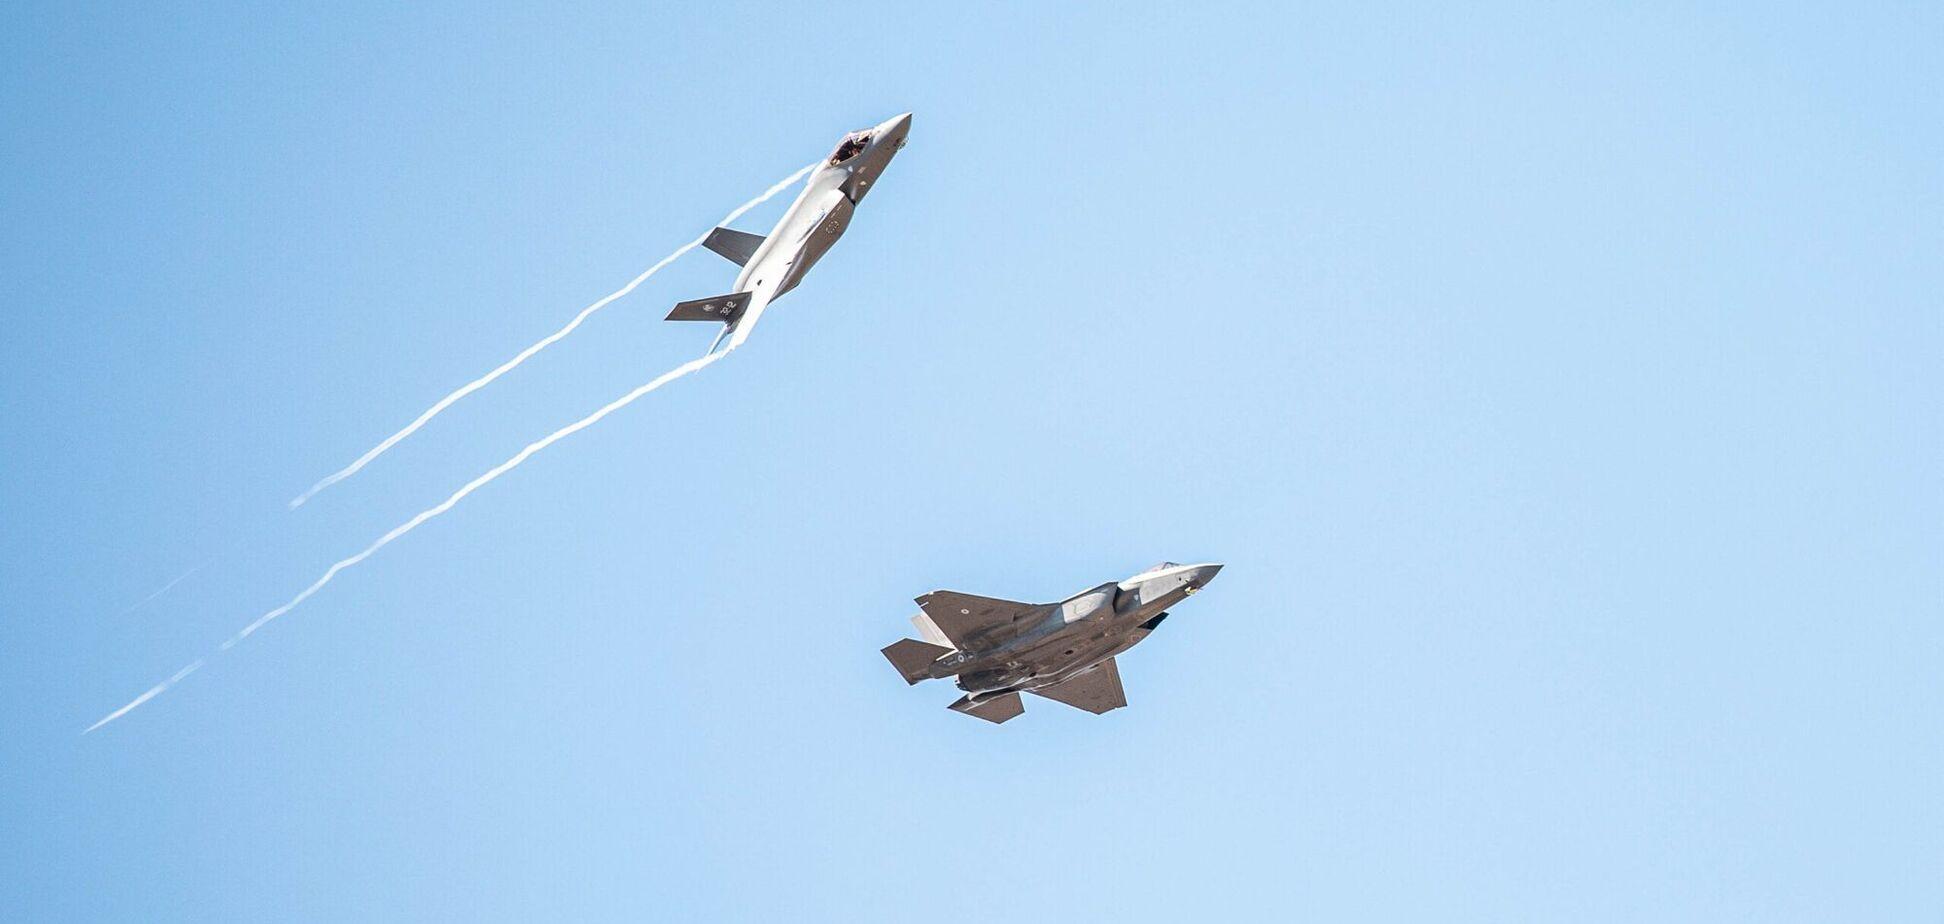 Італія перекинула винищувачі F-35 до кордону Росії